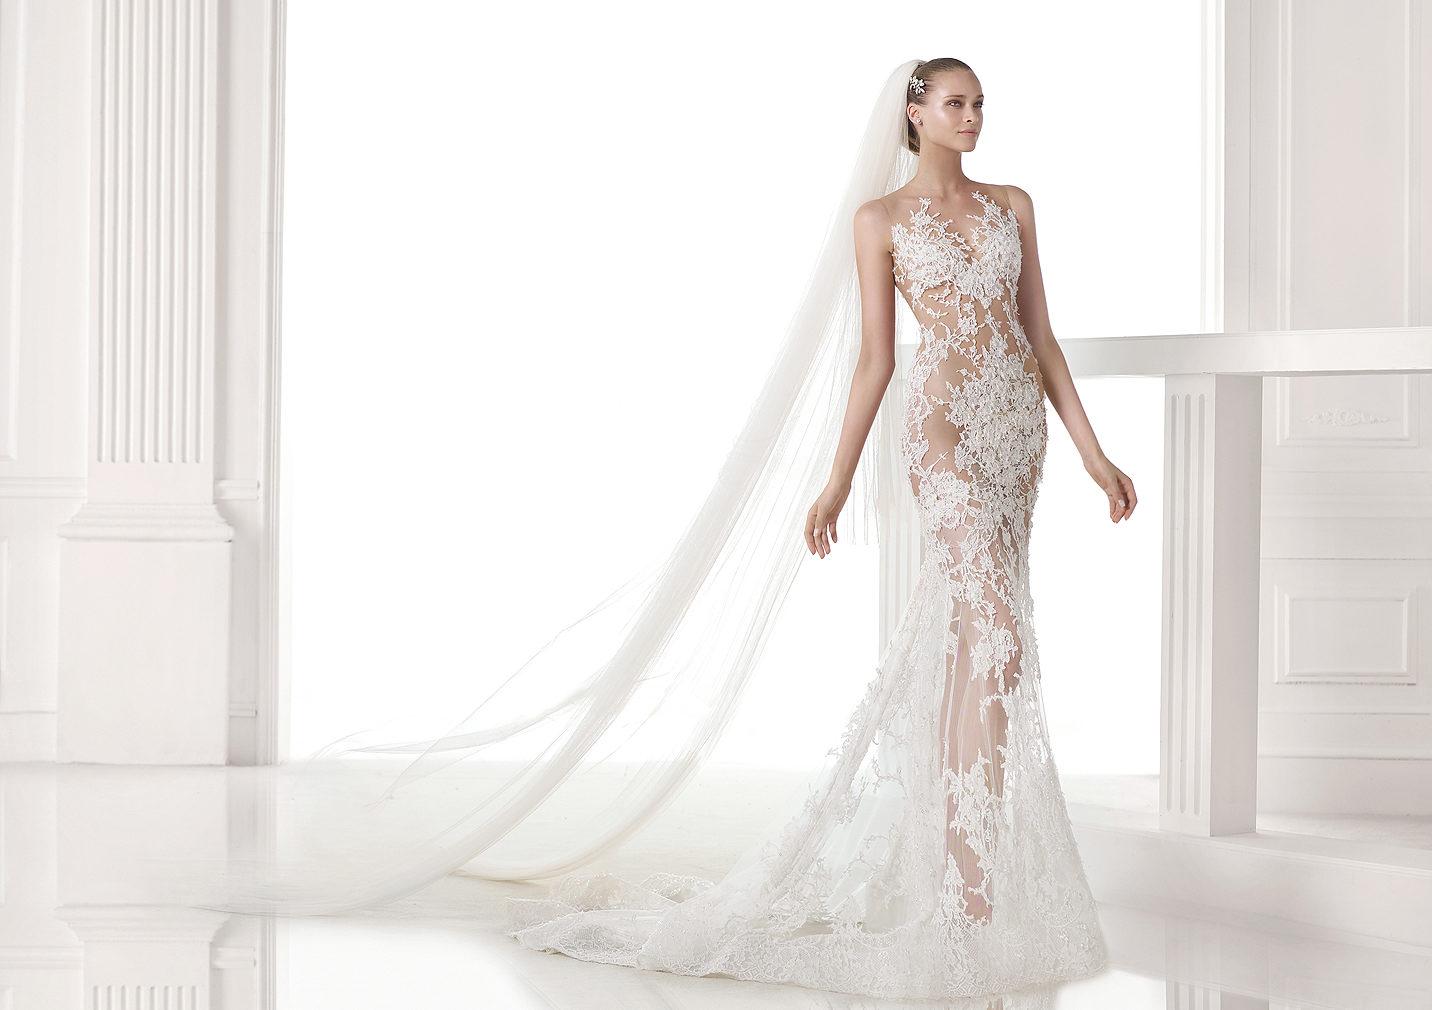 f857b010e606 Průsvitné svatební šaty kde sehnat   - - Svatební...